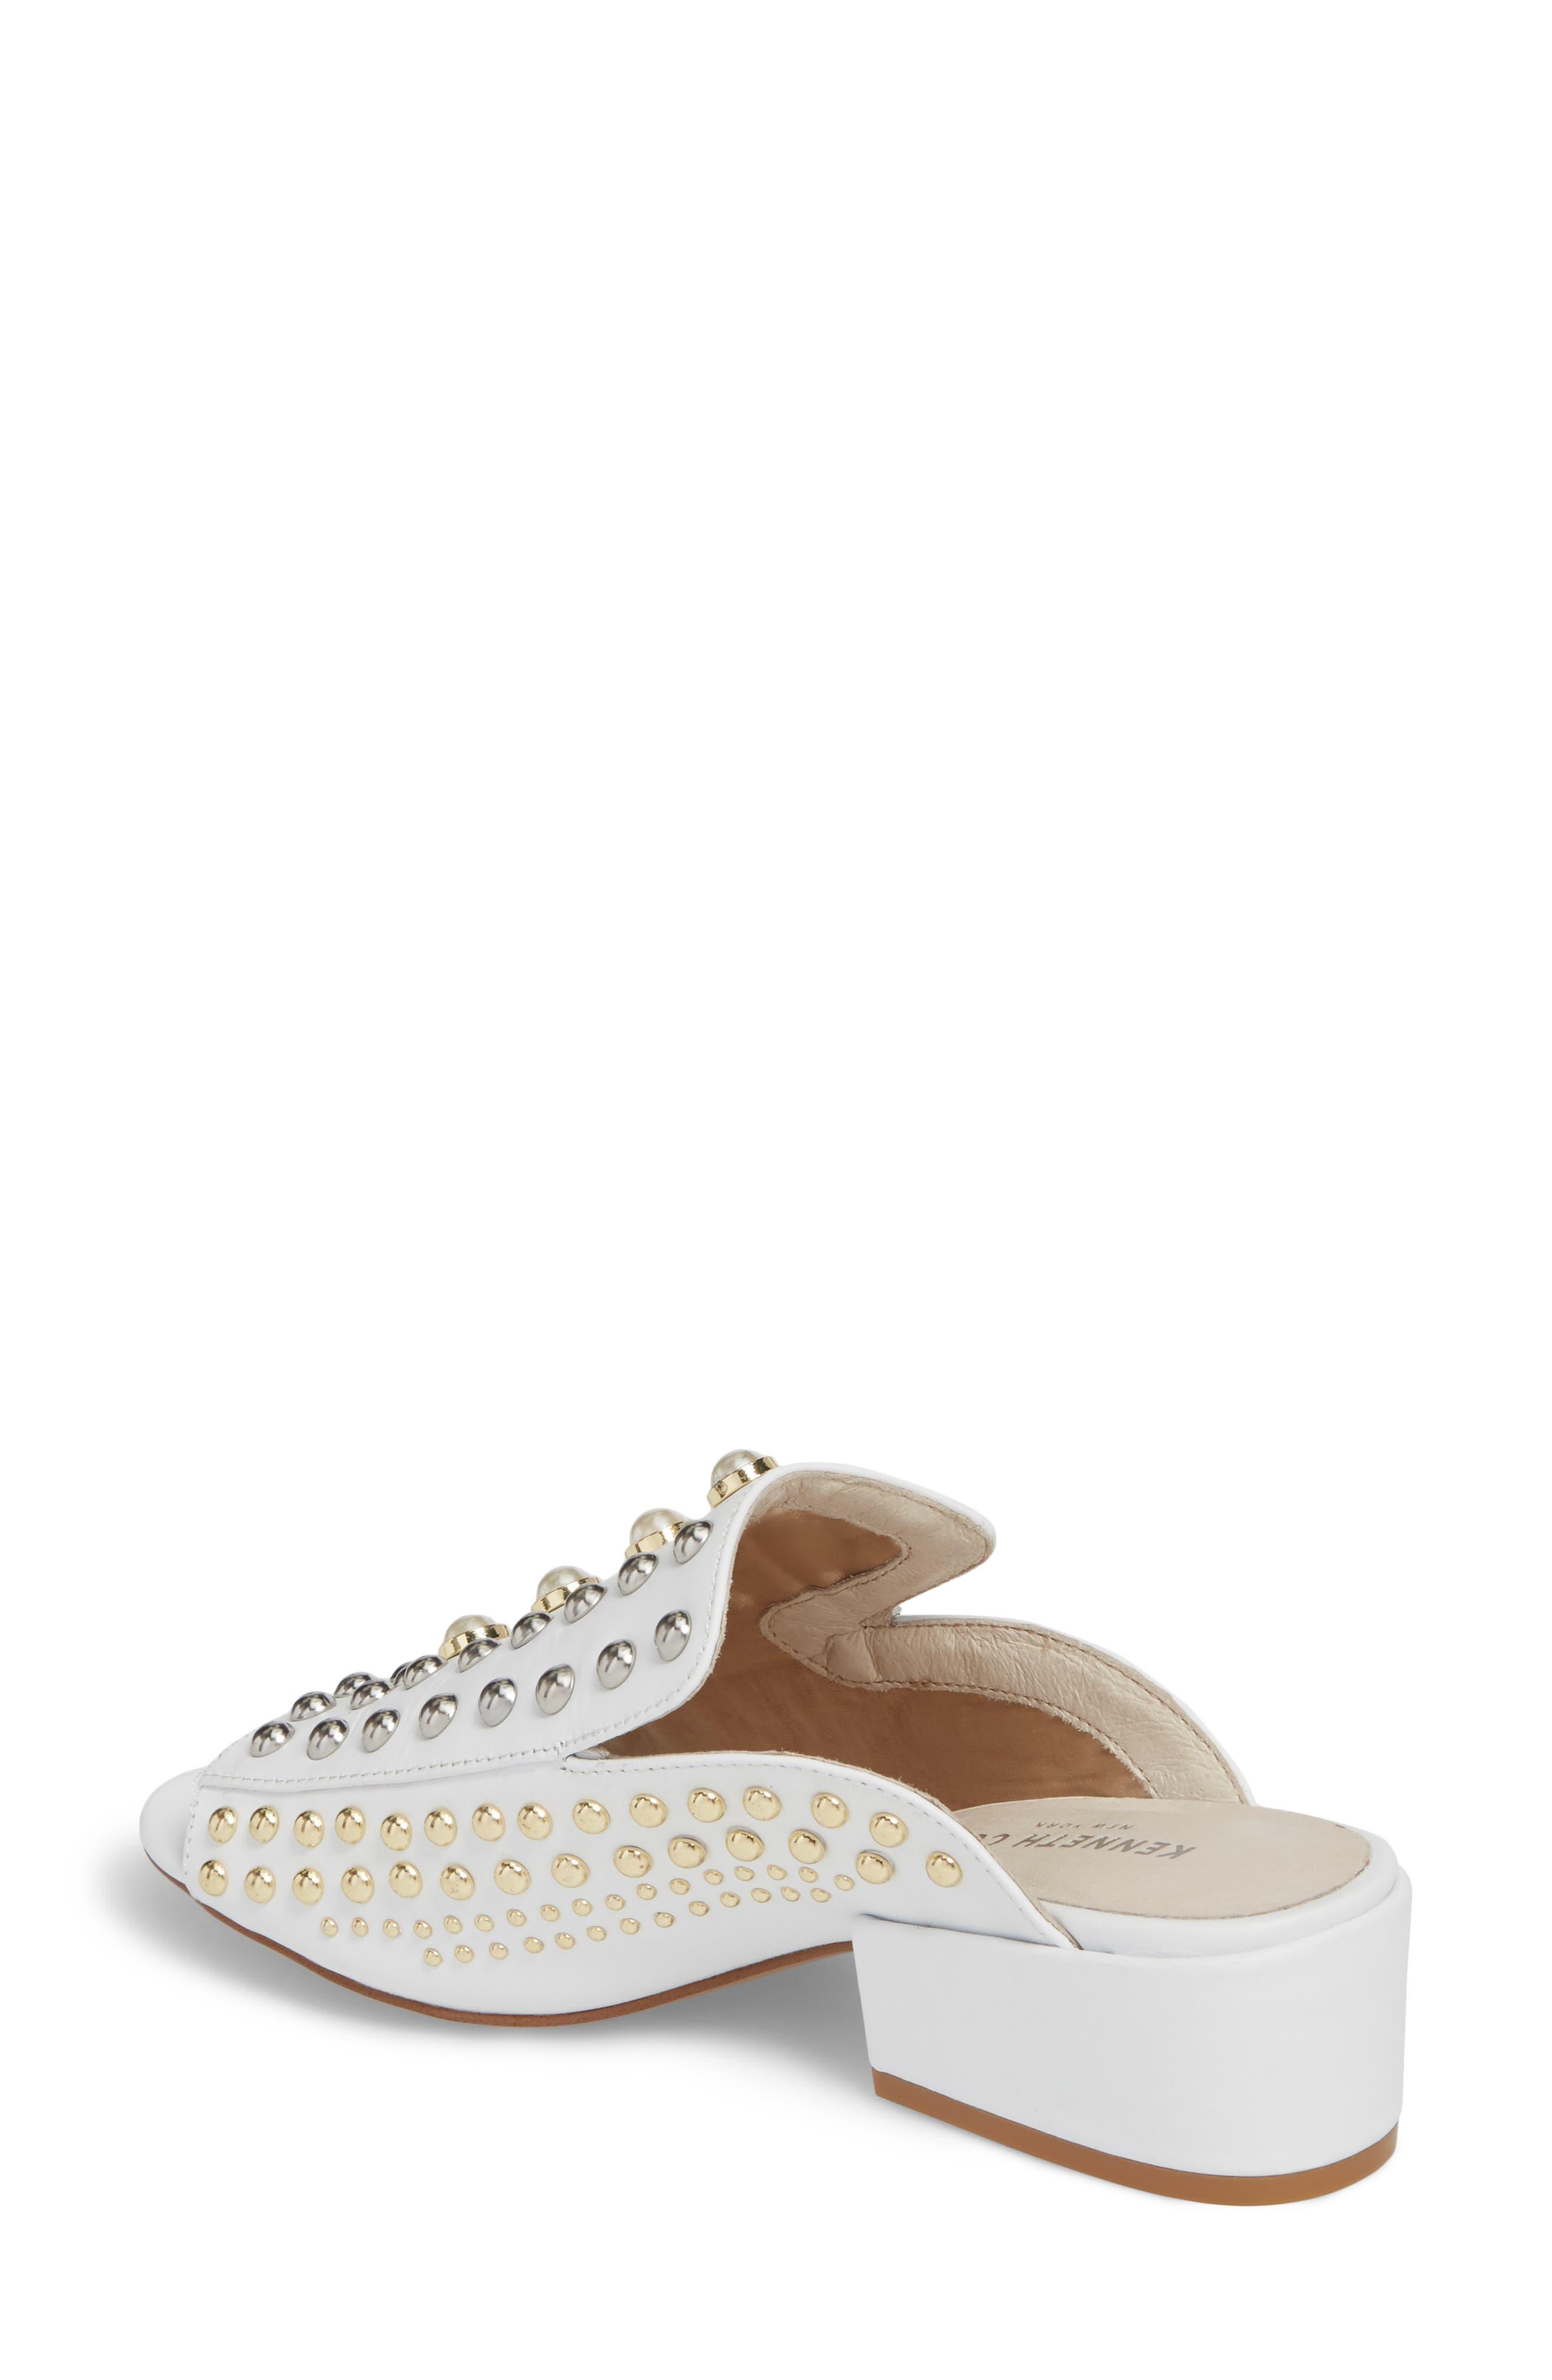 Farley Studded Slide Sandal,                             Alternate thumbnail 2, color,                             White Leather